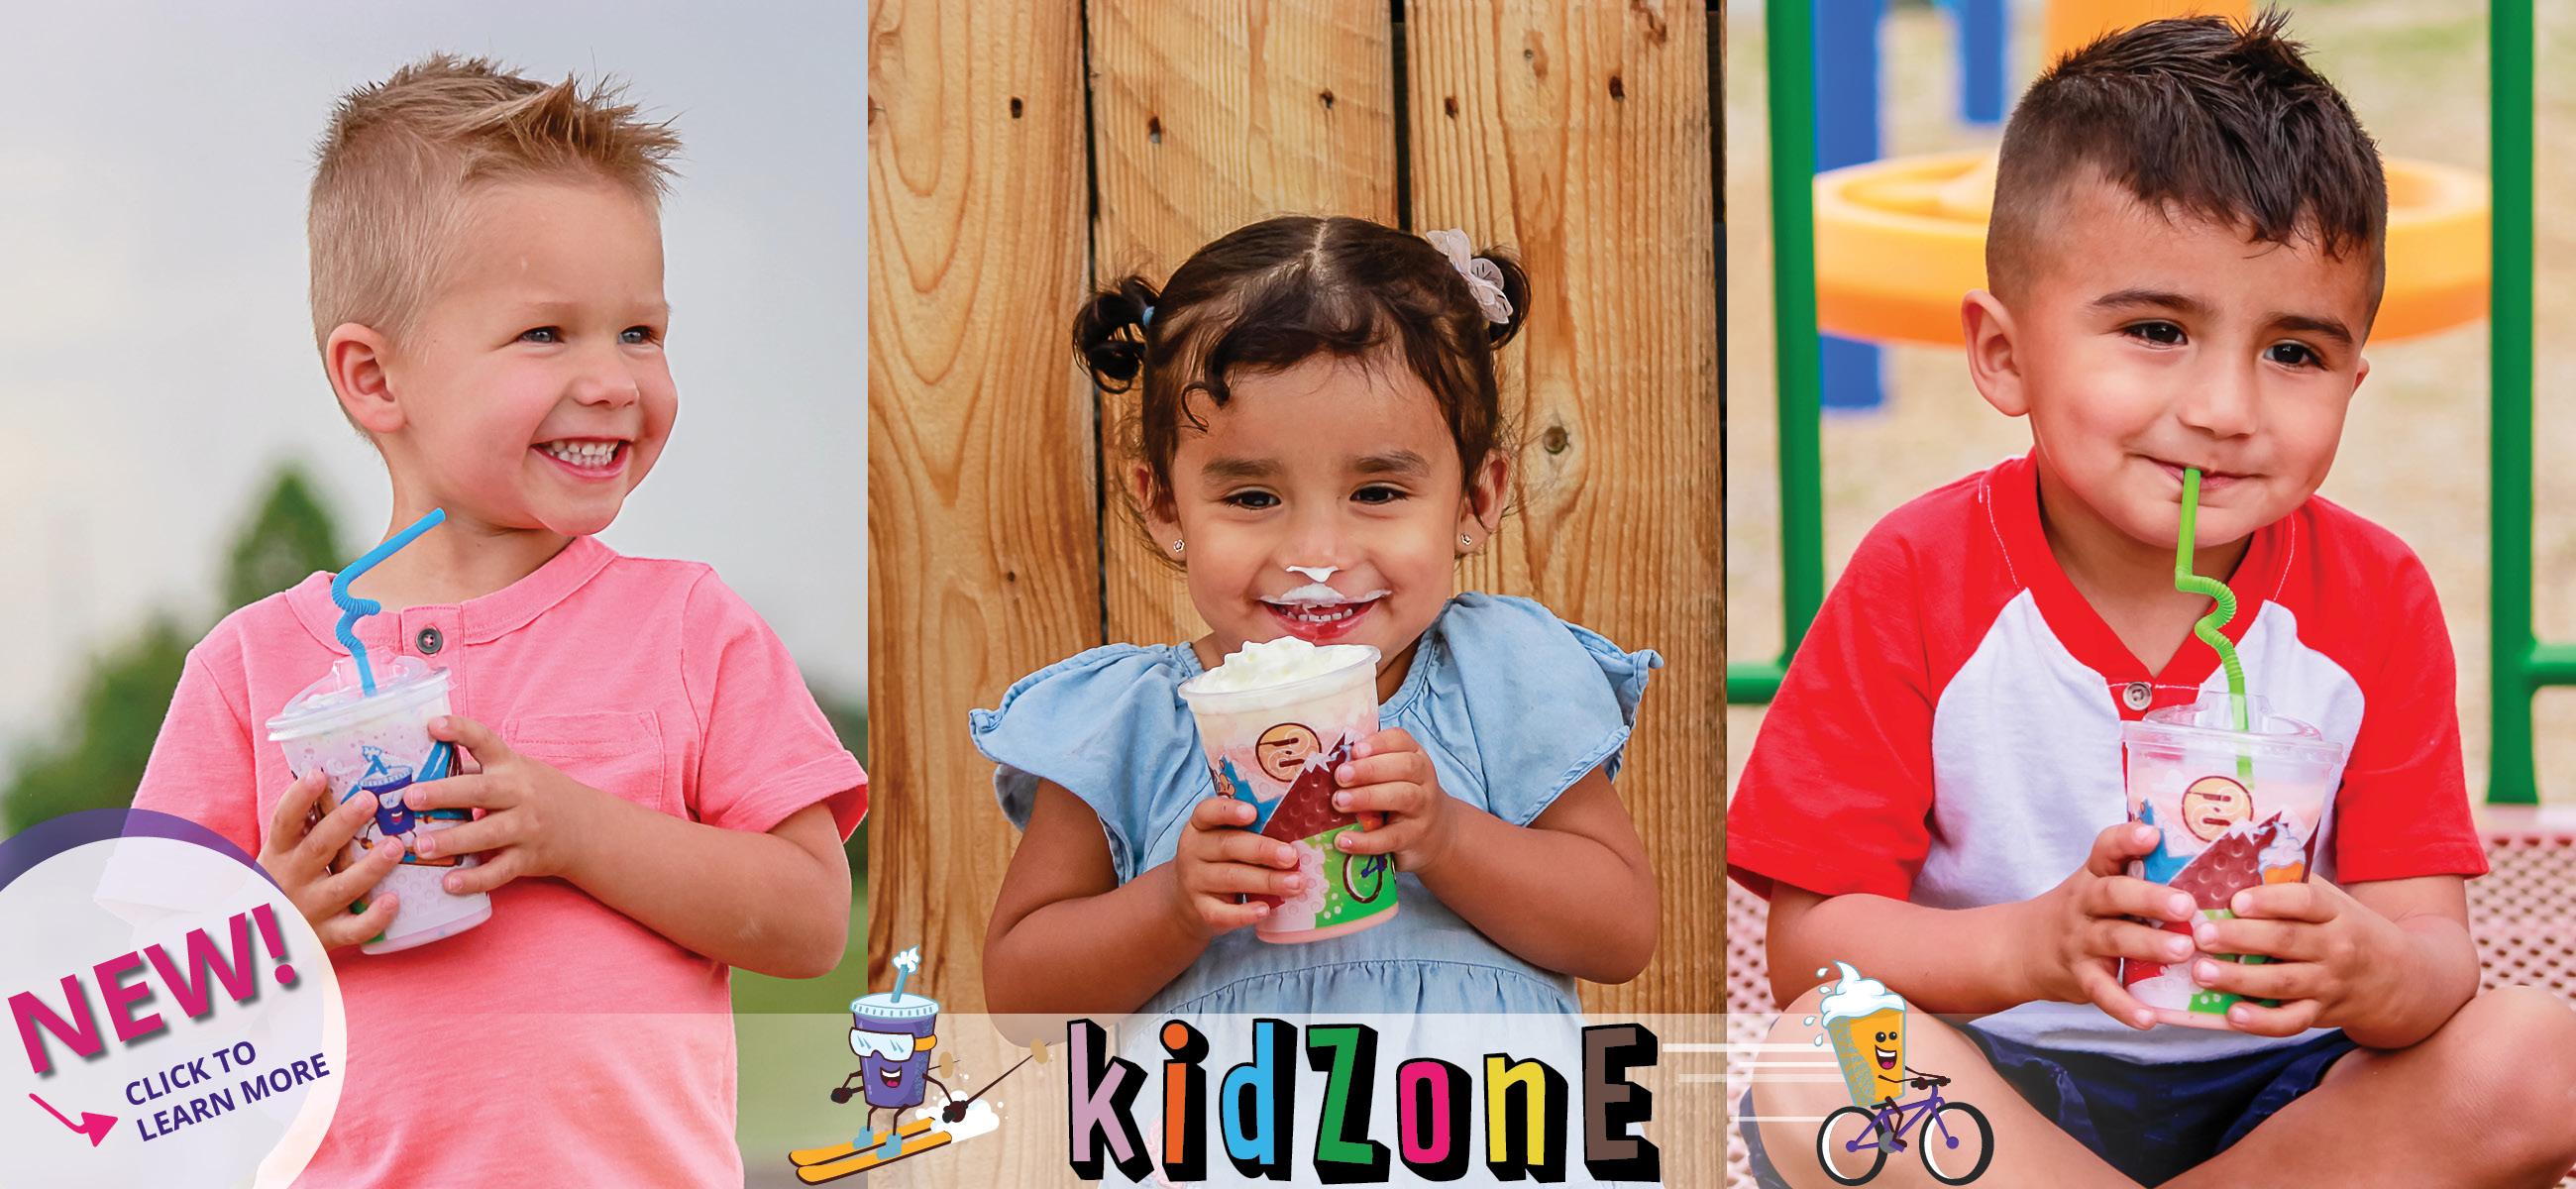 Photo of kids holding Ziggi's Coffee kidZone drinks